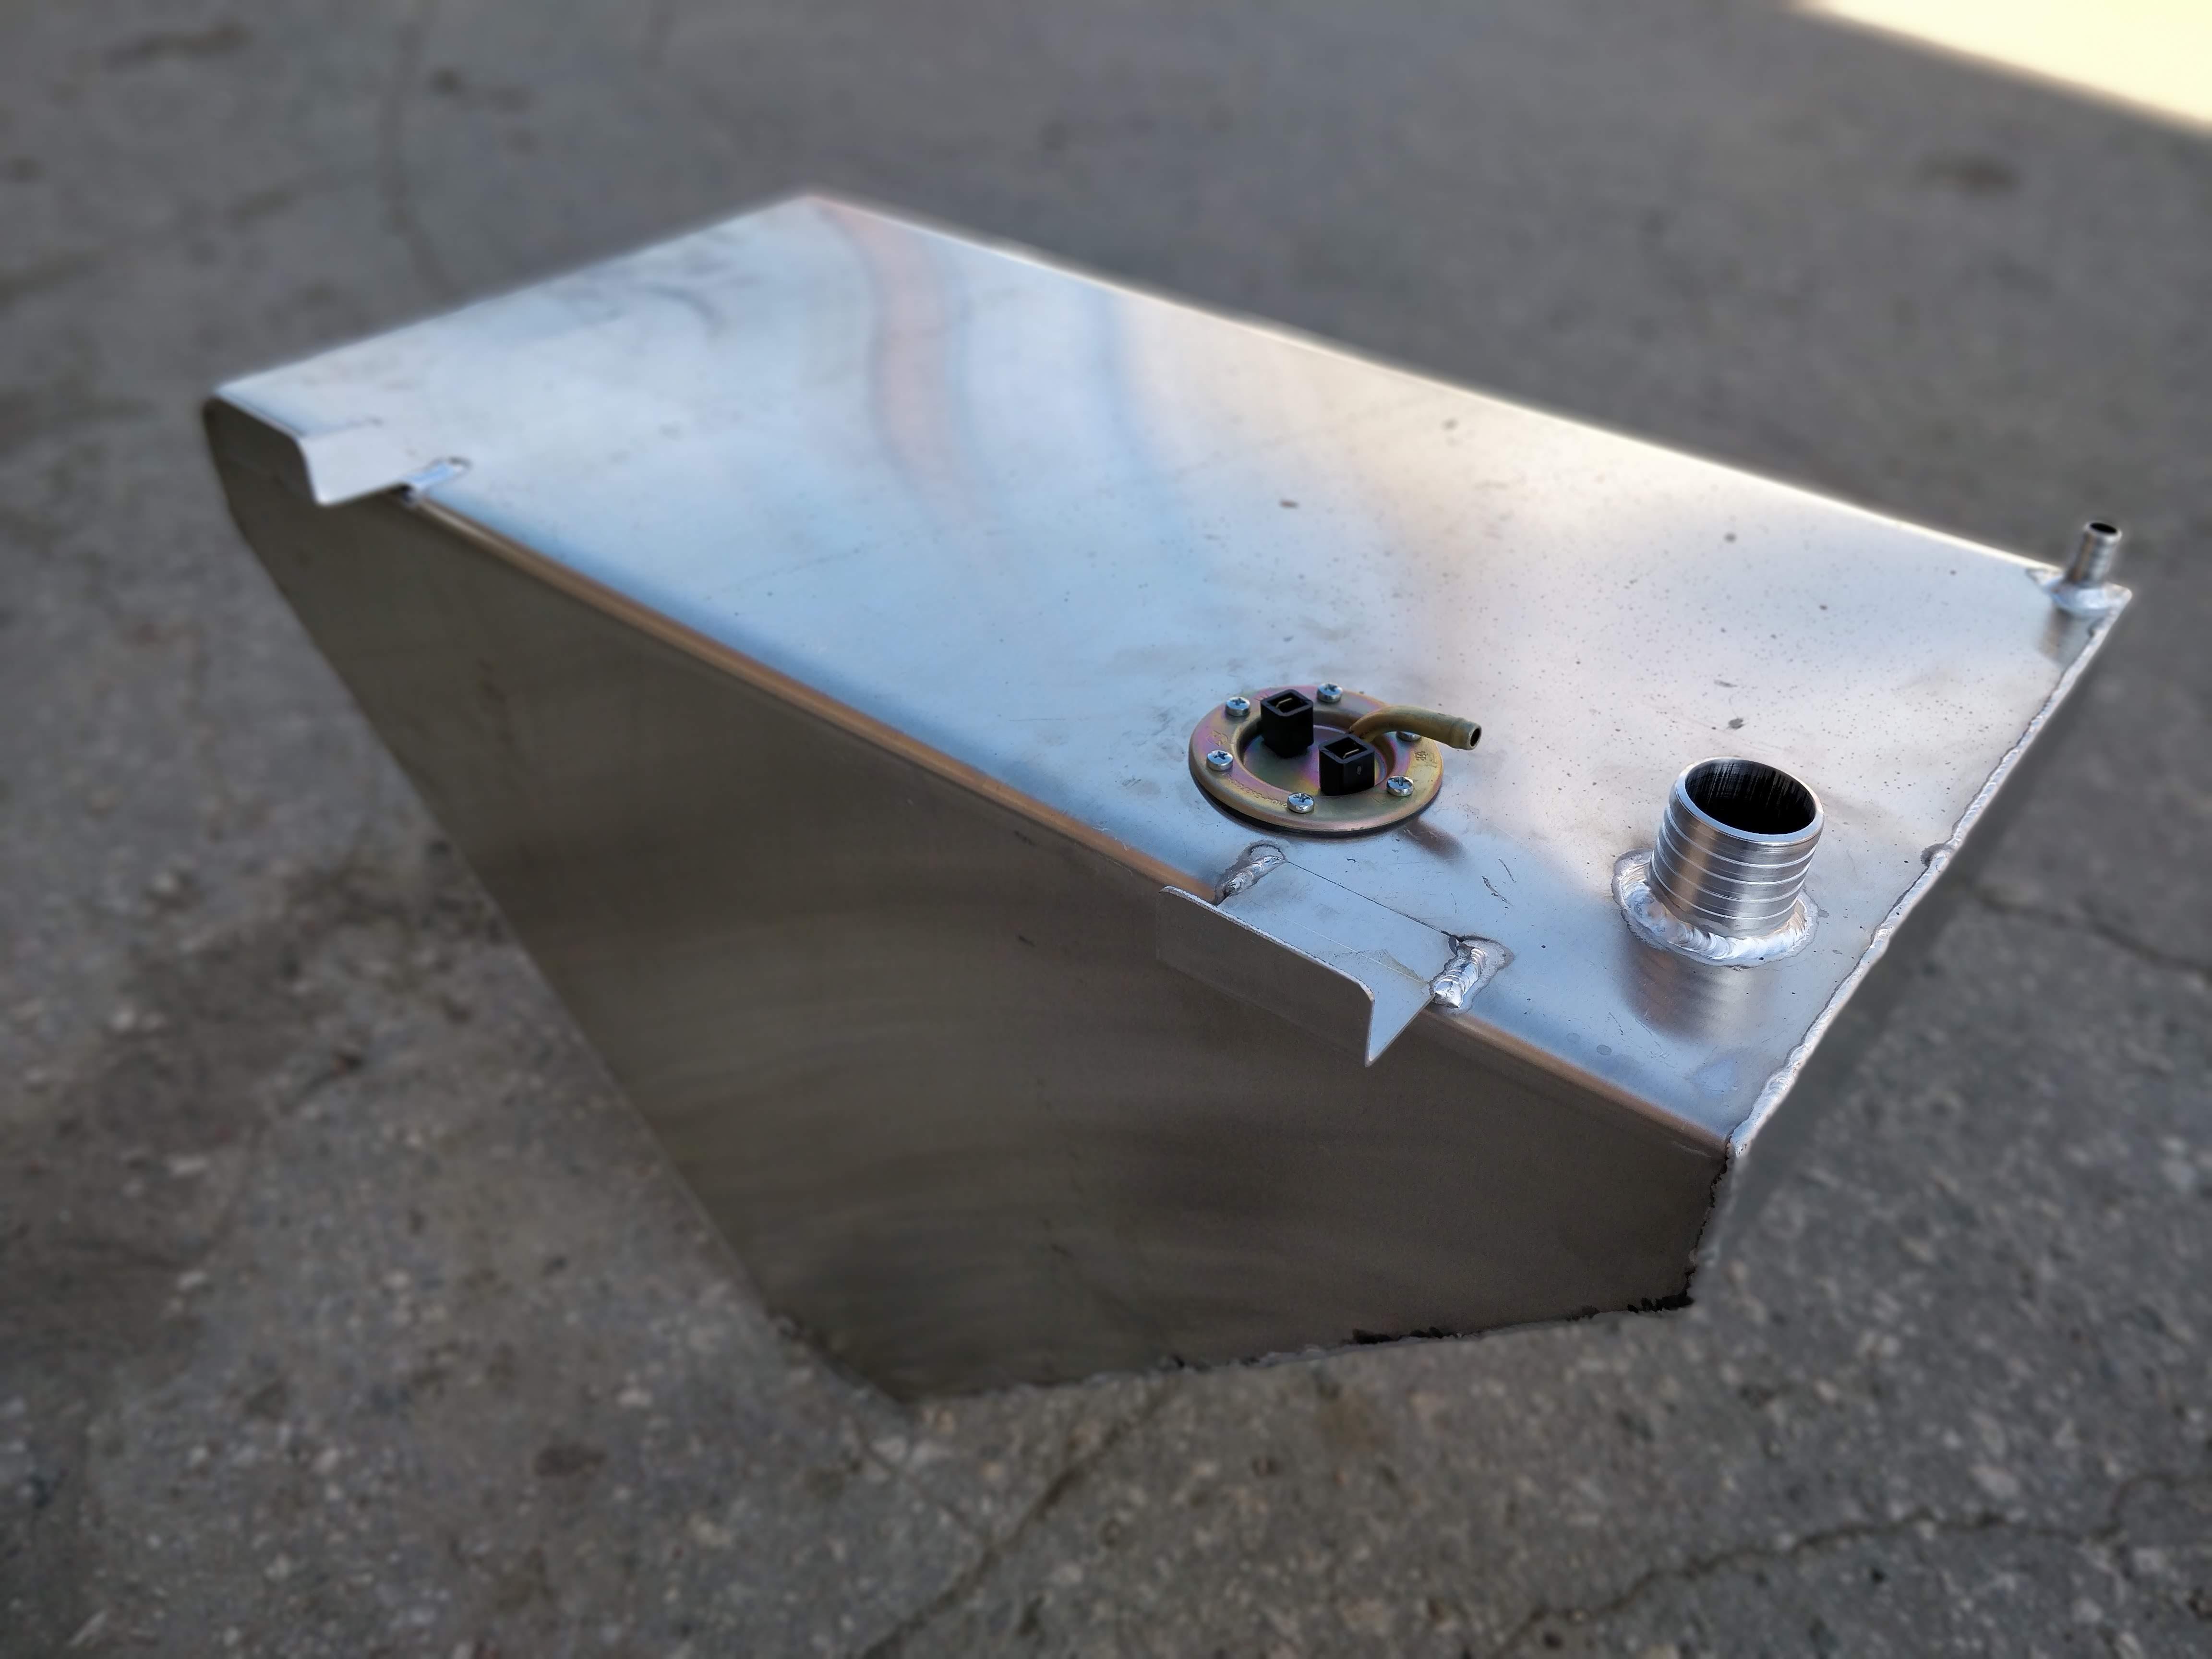 Топливный бак Прогресс 4, 50 л в носовой рундук - 8000 руб.